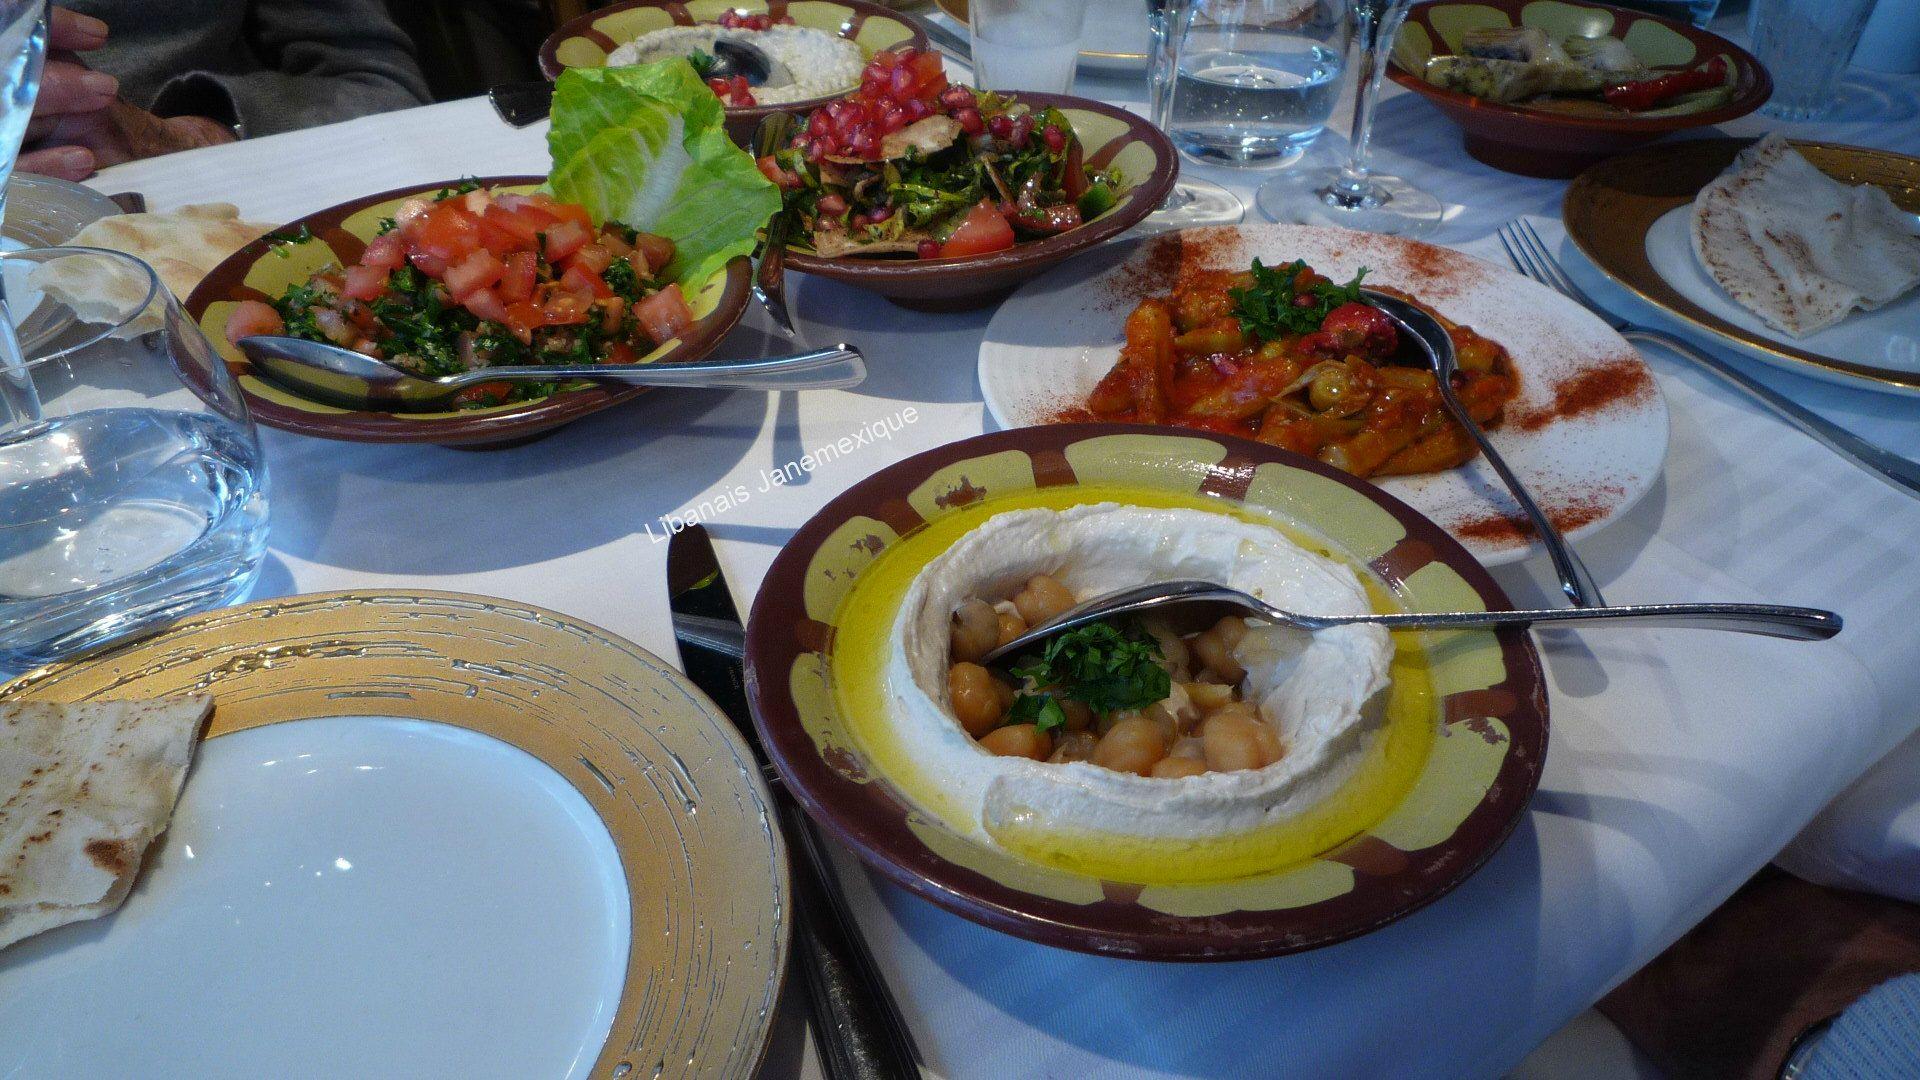 Mezze Libanais@Janemexique